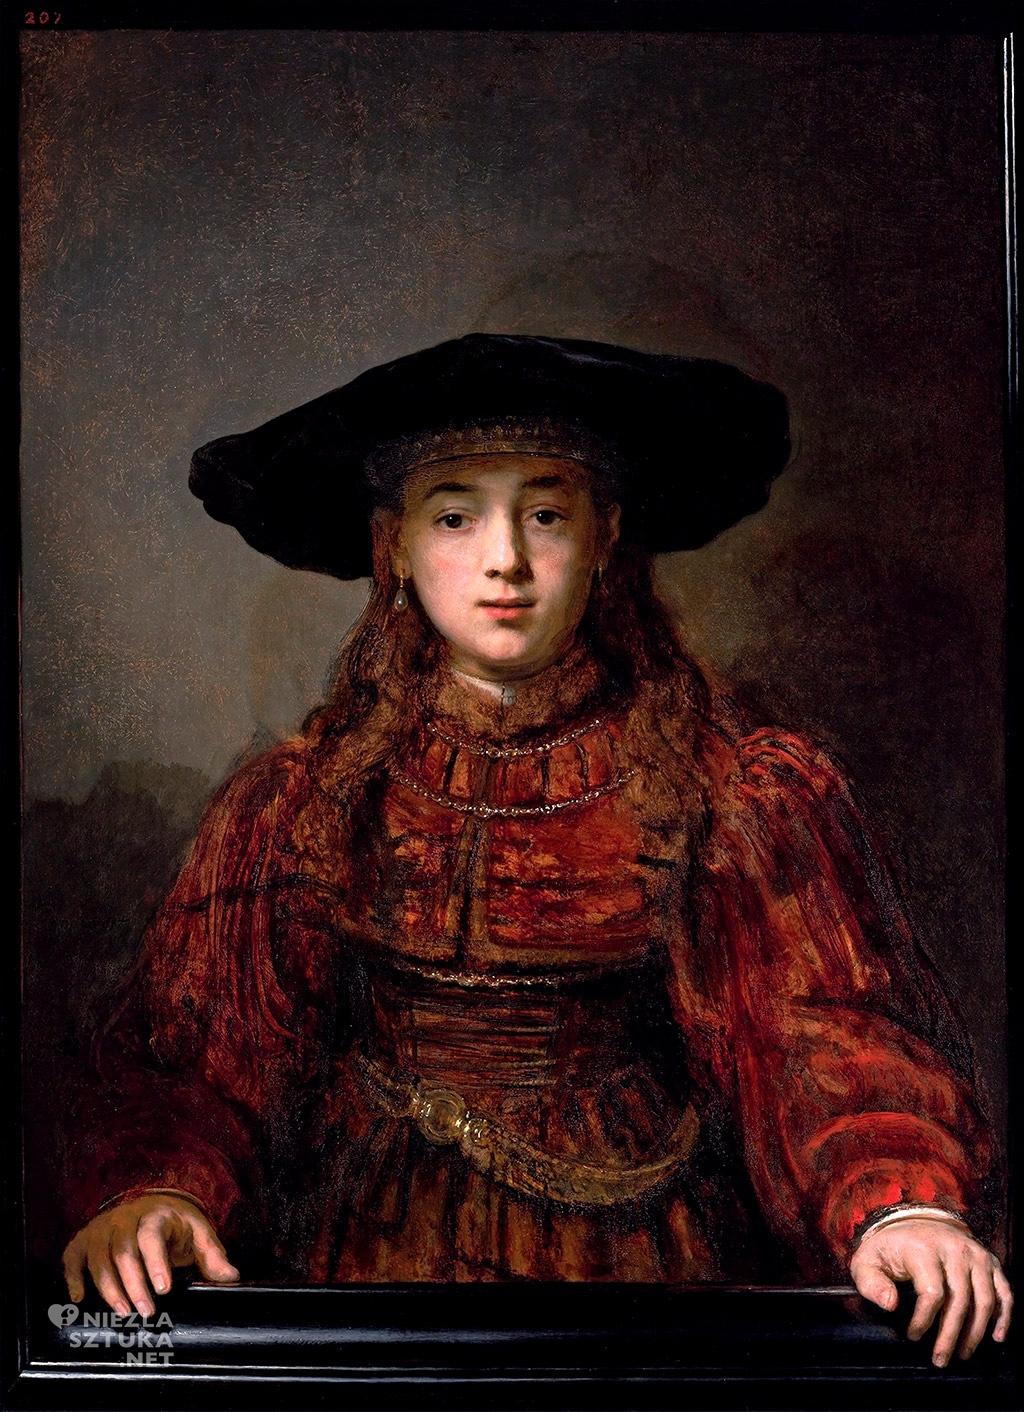 Rembrandt, Dziewczynka w ramie obrazu, malarstwo holenderskie, Niezła Sztuka